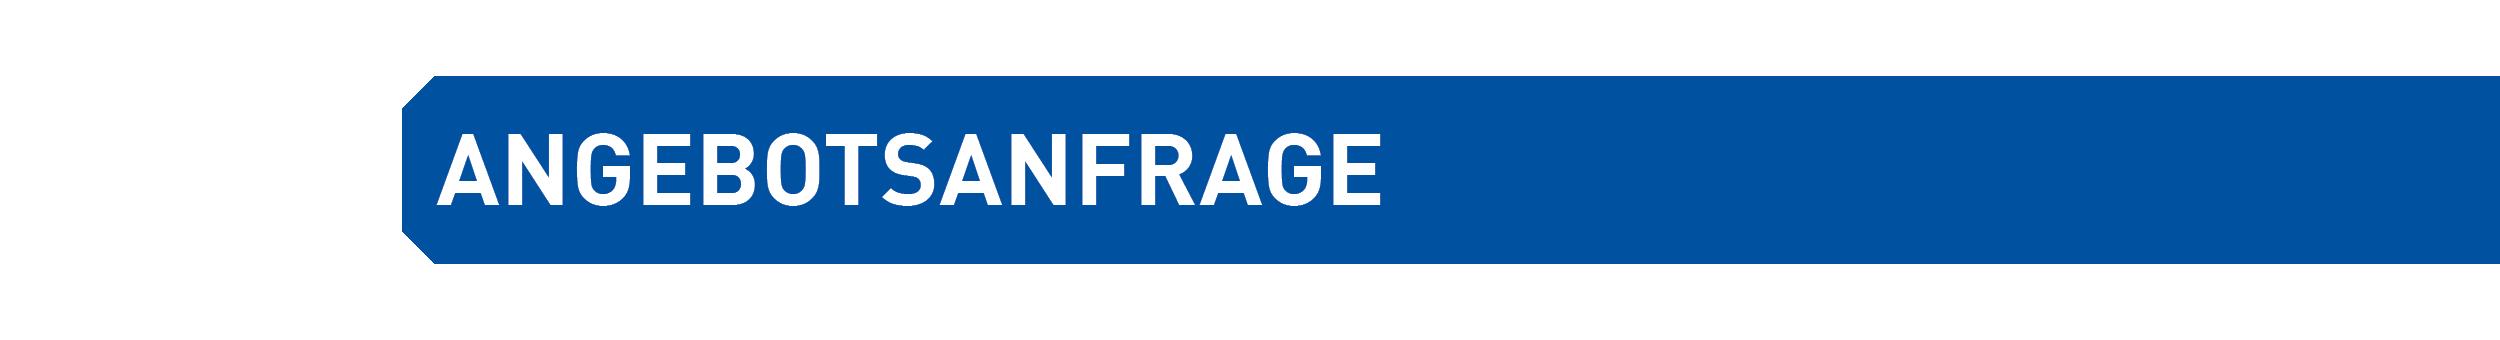 ANGEBOTSANFRAGE